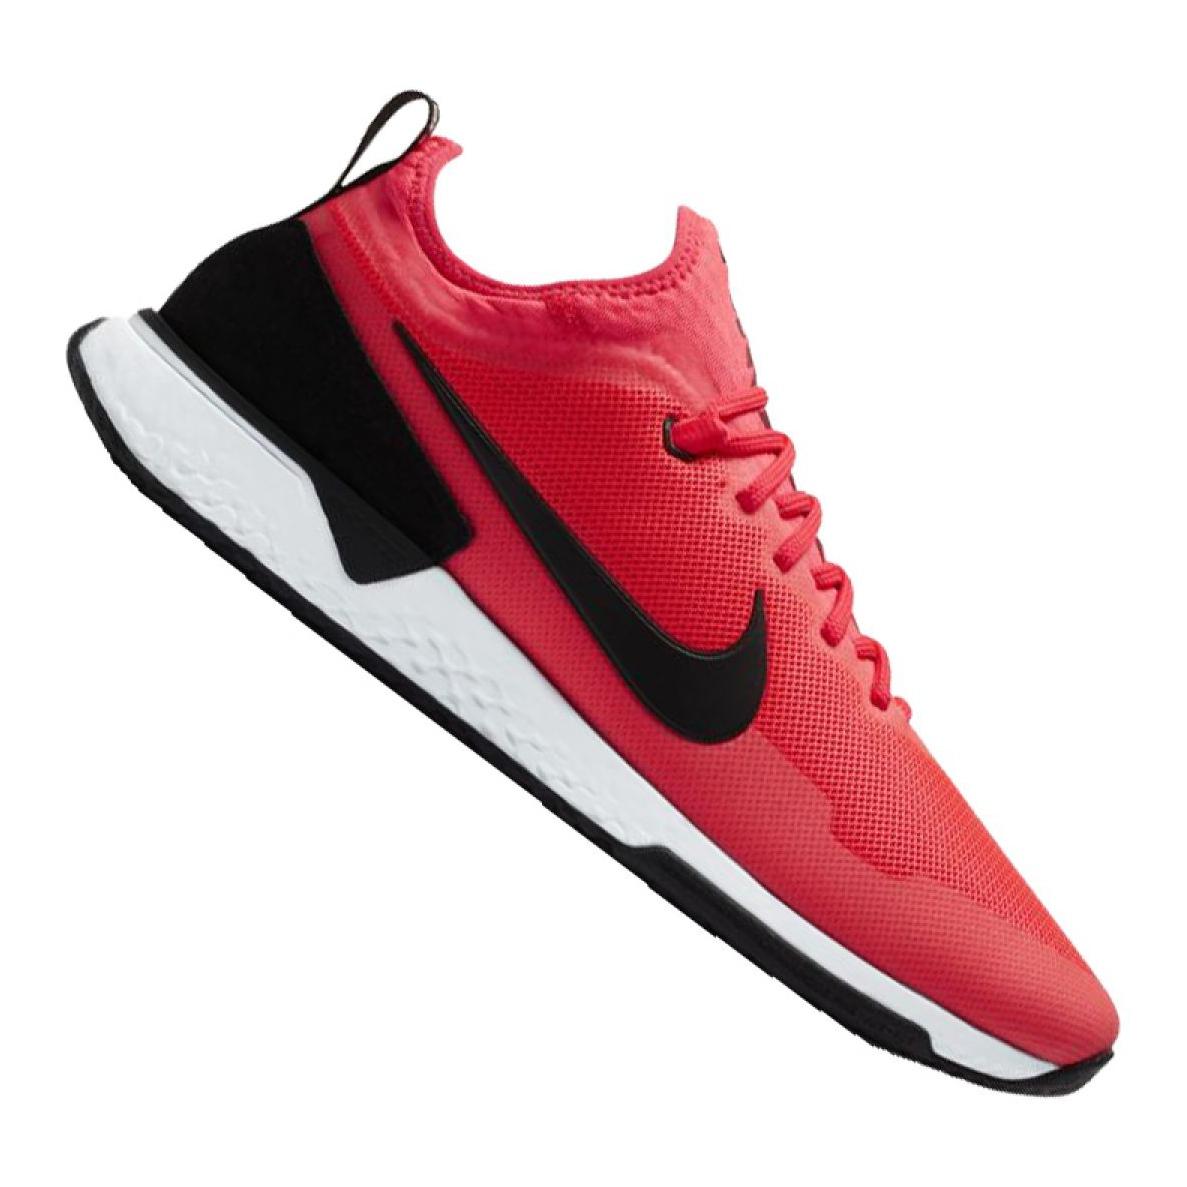 Zapatillas Nike FC M AQ3619 601 rojo